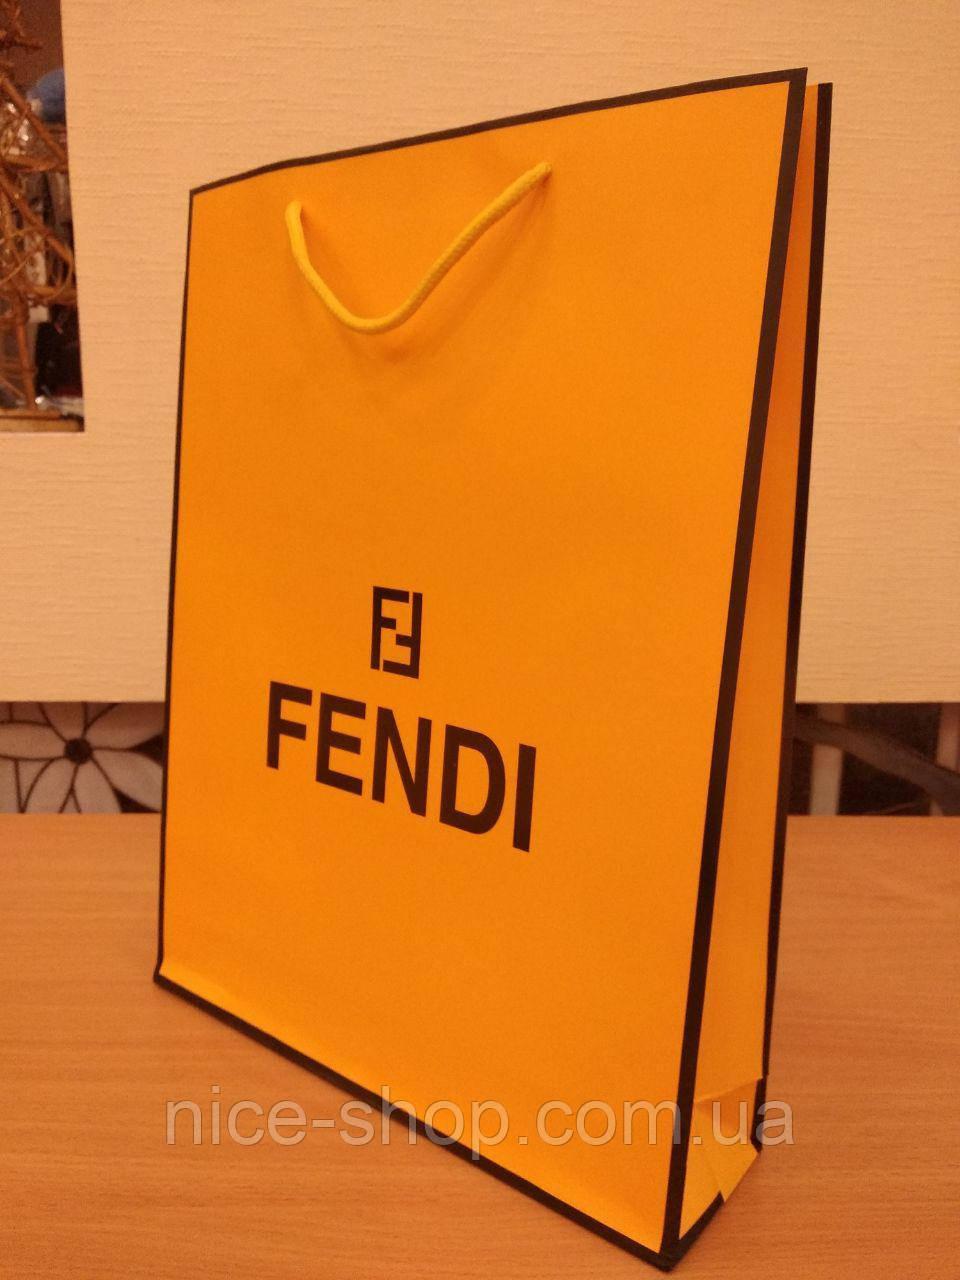 Подарочный пакет Fendi:вертикаль, mахi